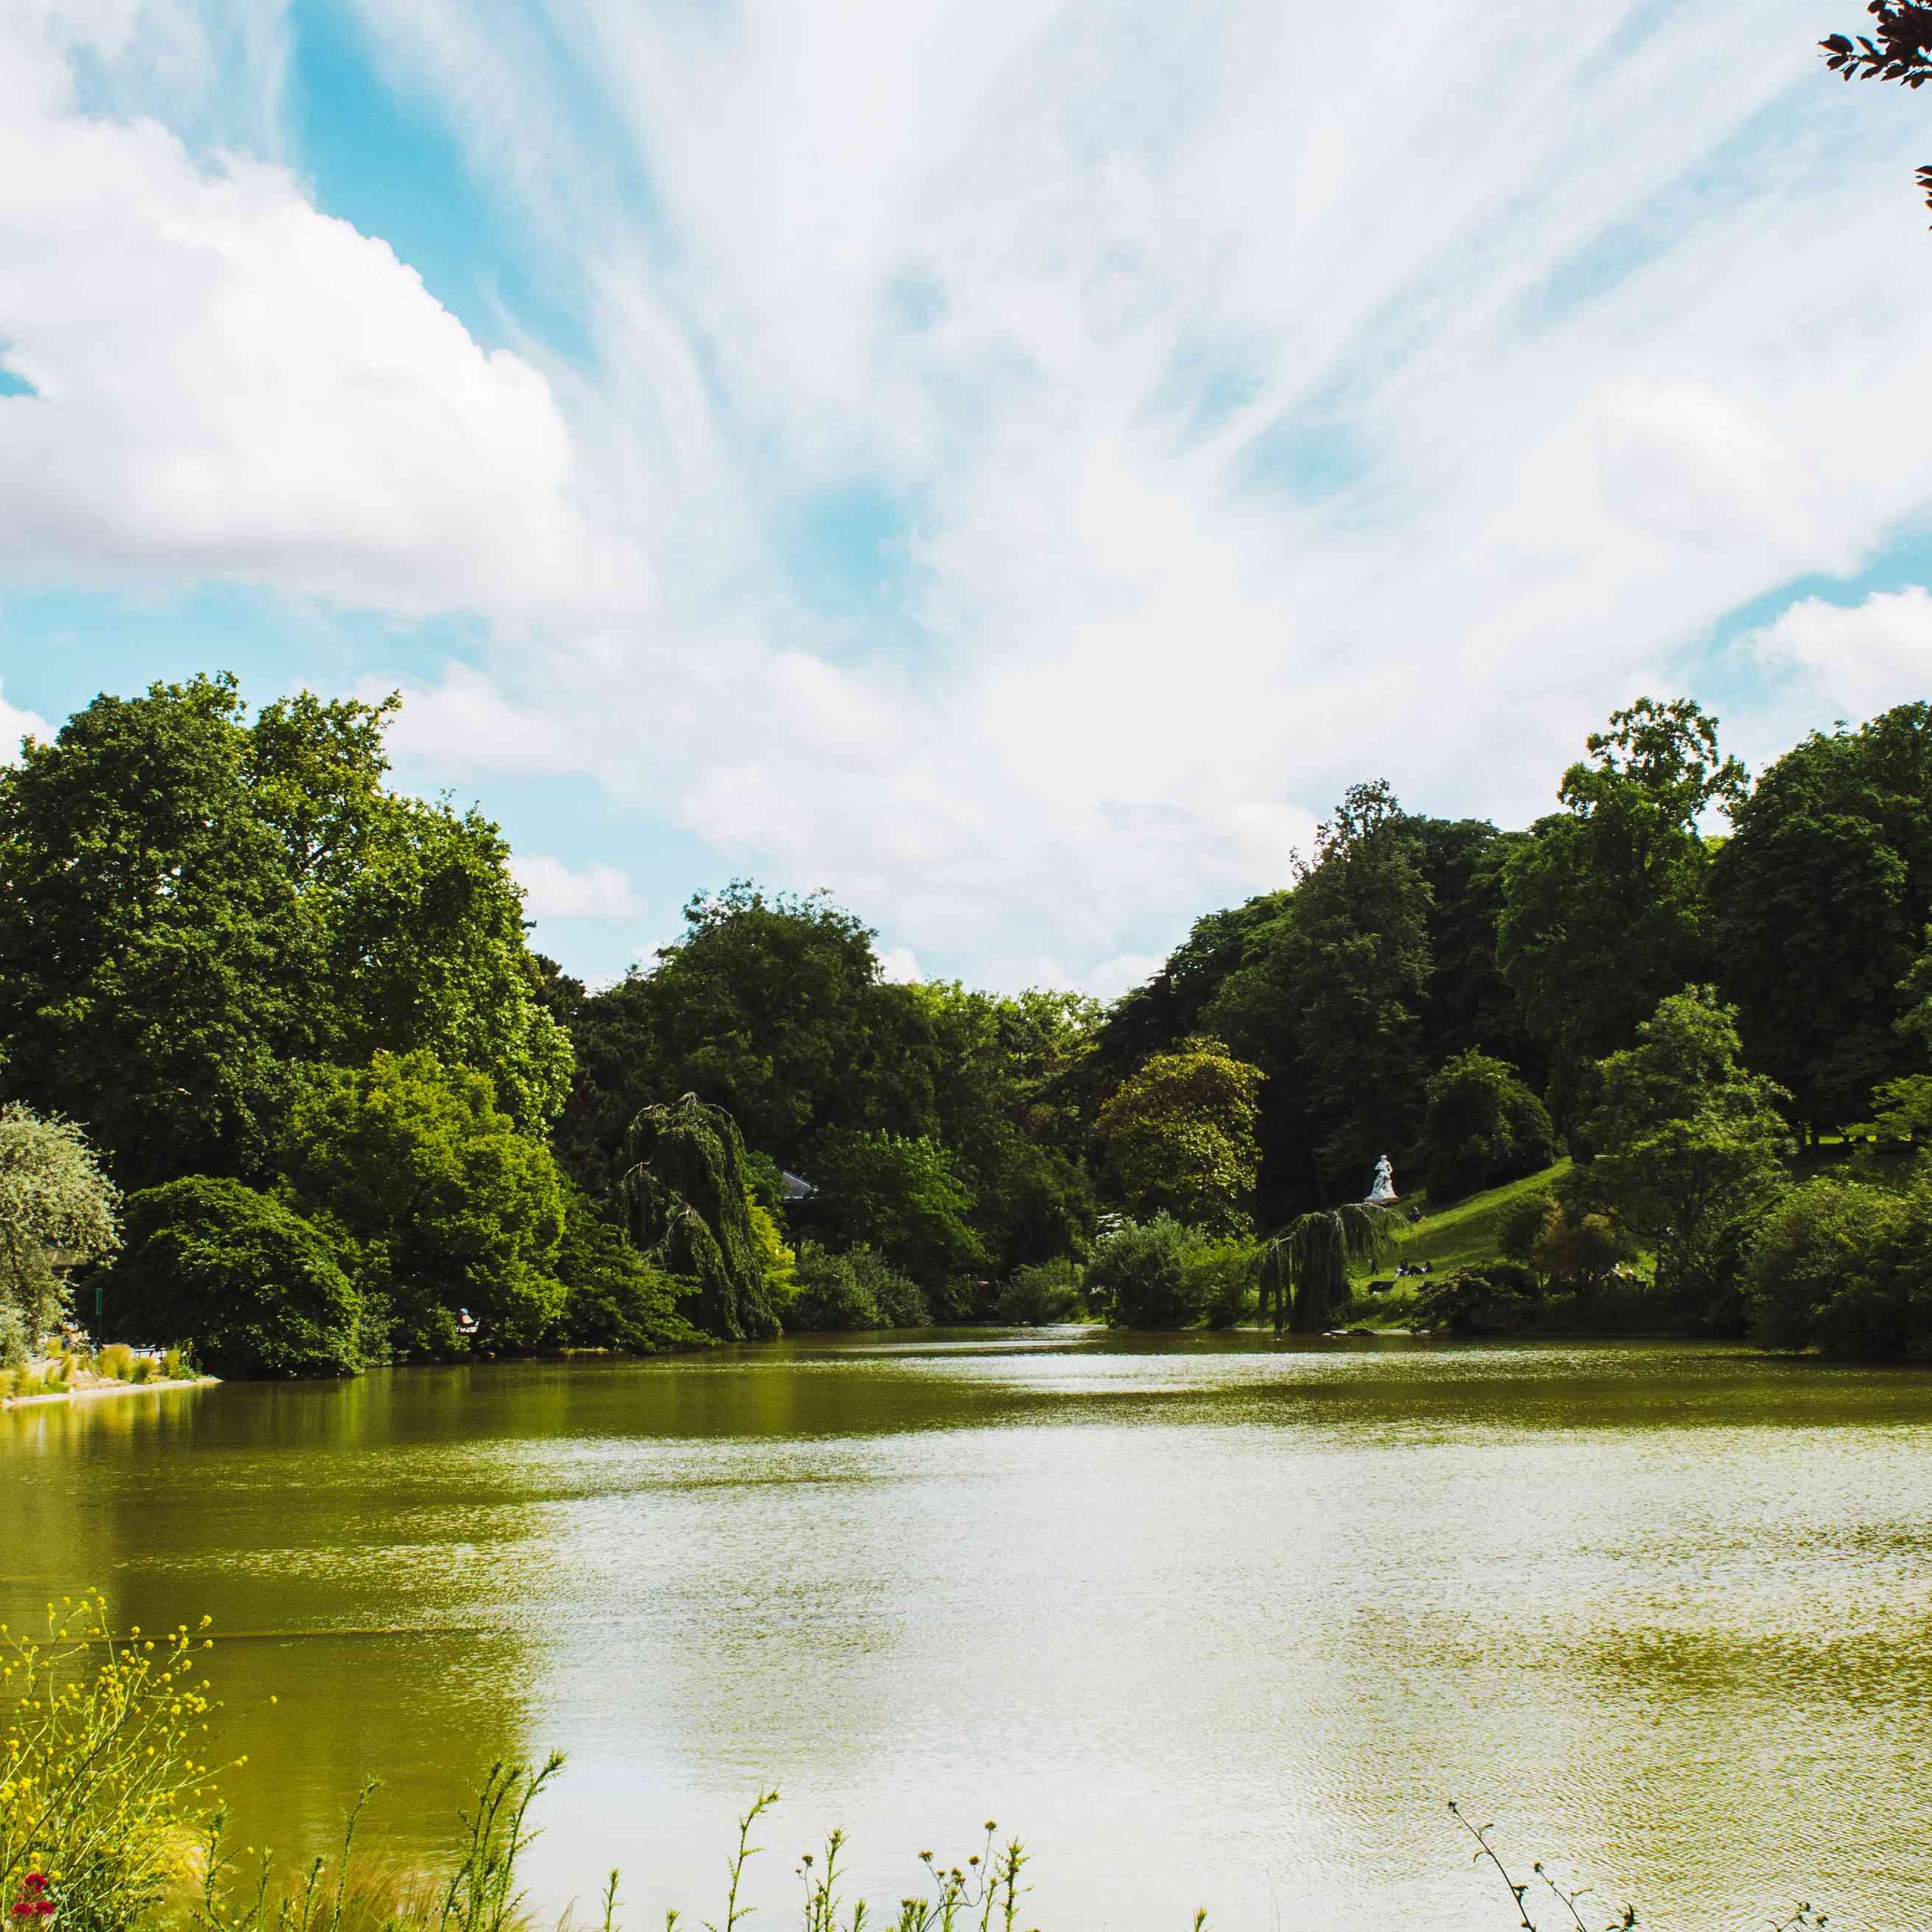 Lake at Parc Montsouris